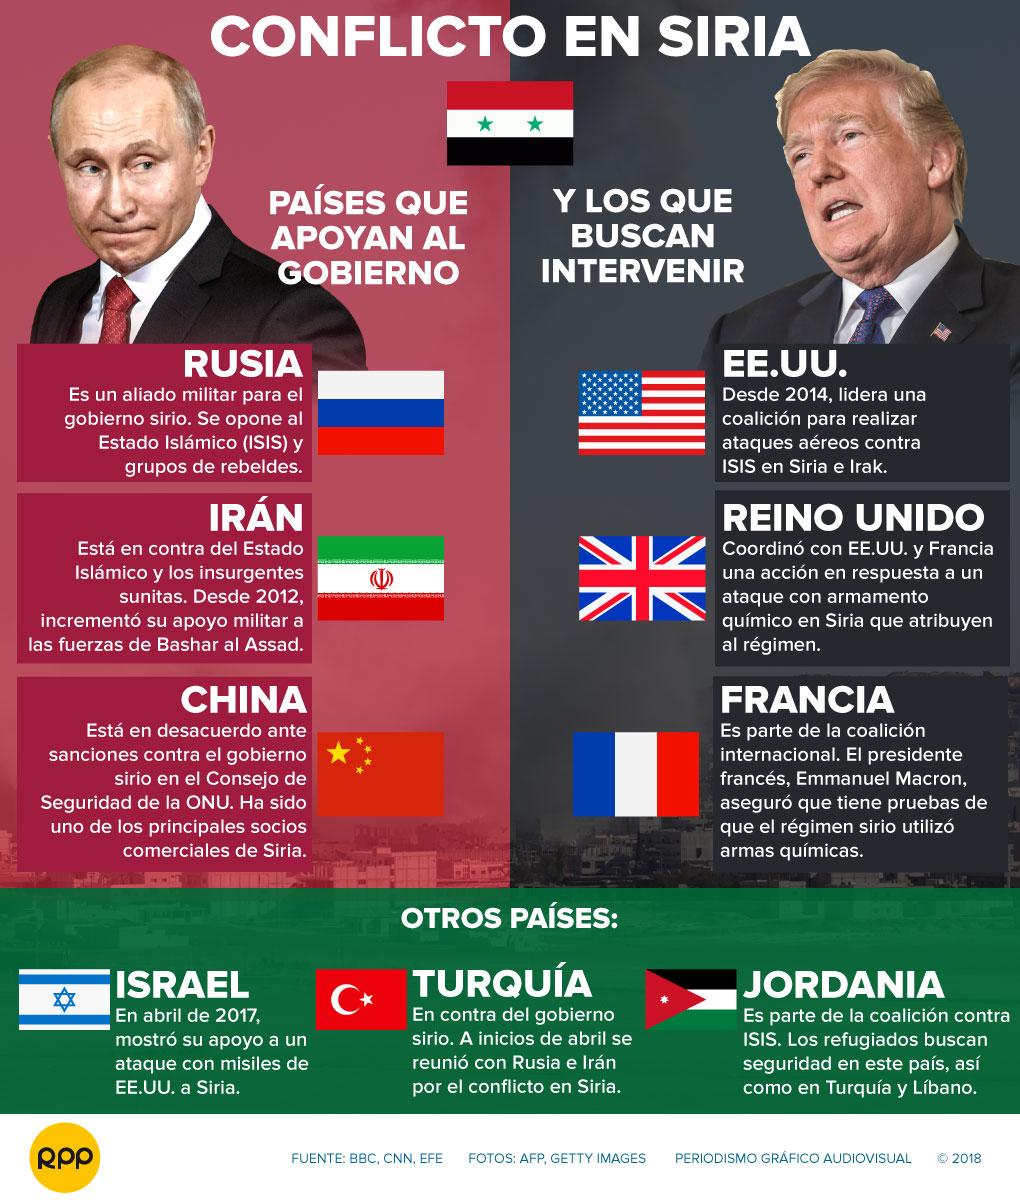 Los actores del conflicto que desangra Siria desde 2011